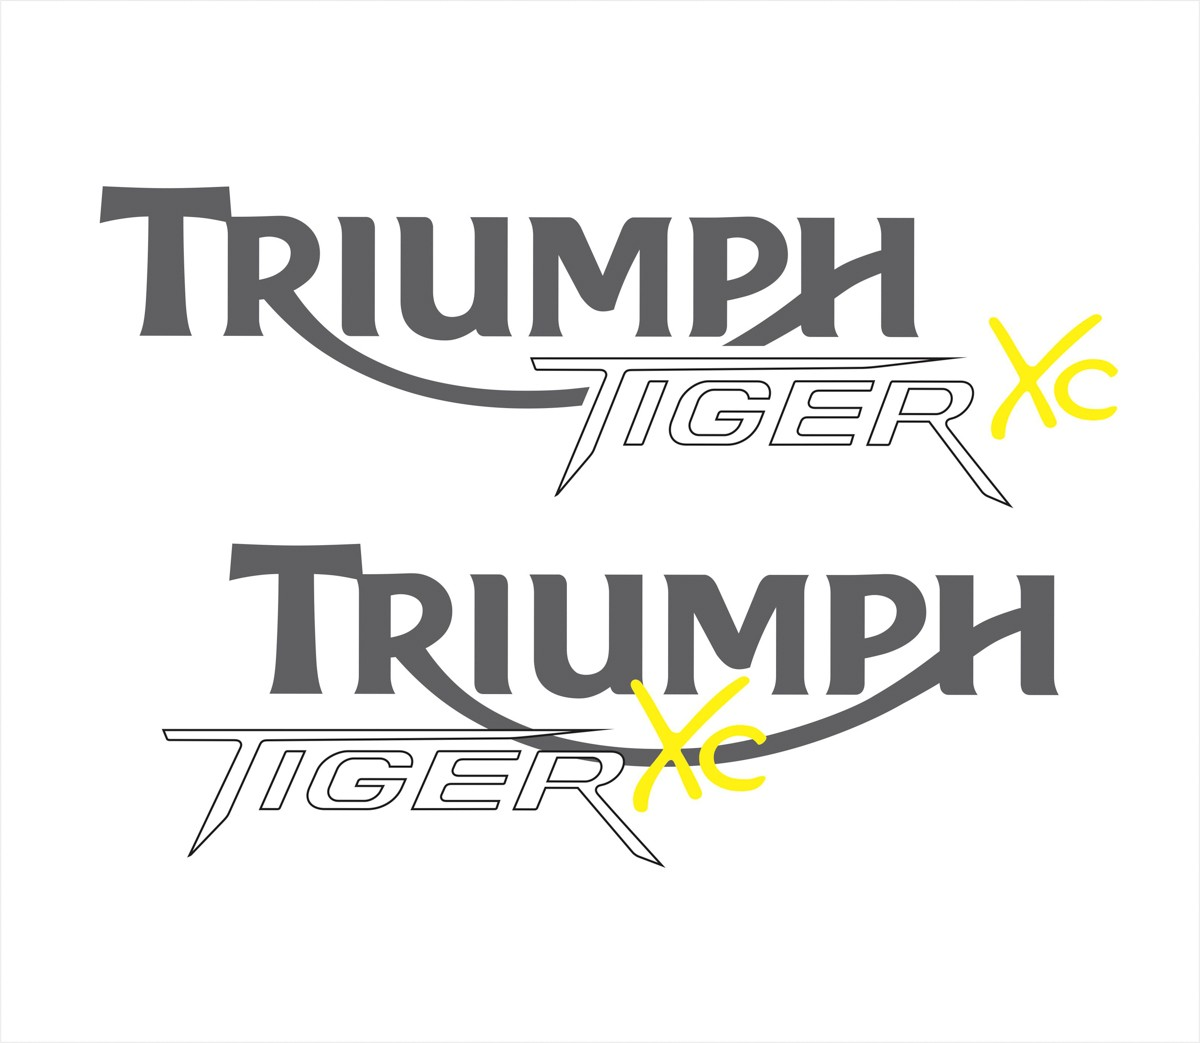 Kit Adesivo Triumph Tiger 800xc 800 Xc 2015 Laranja Tg005